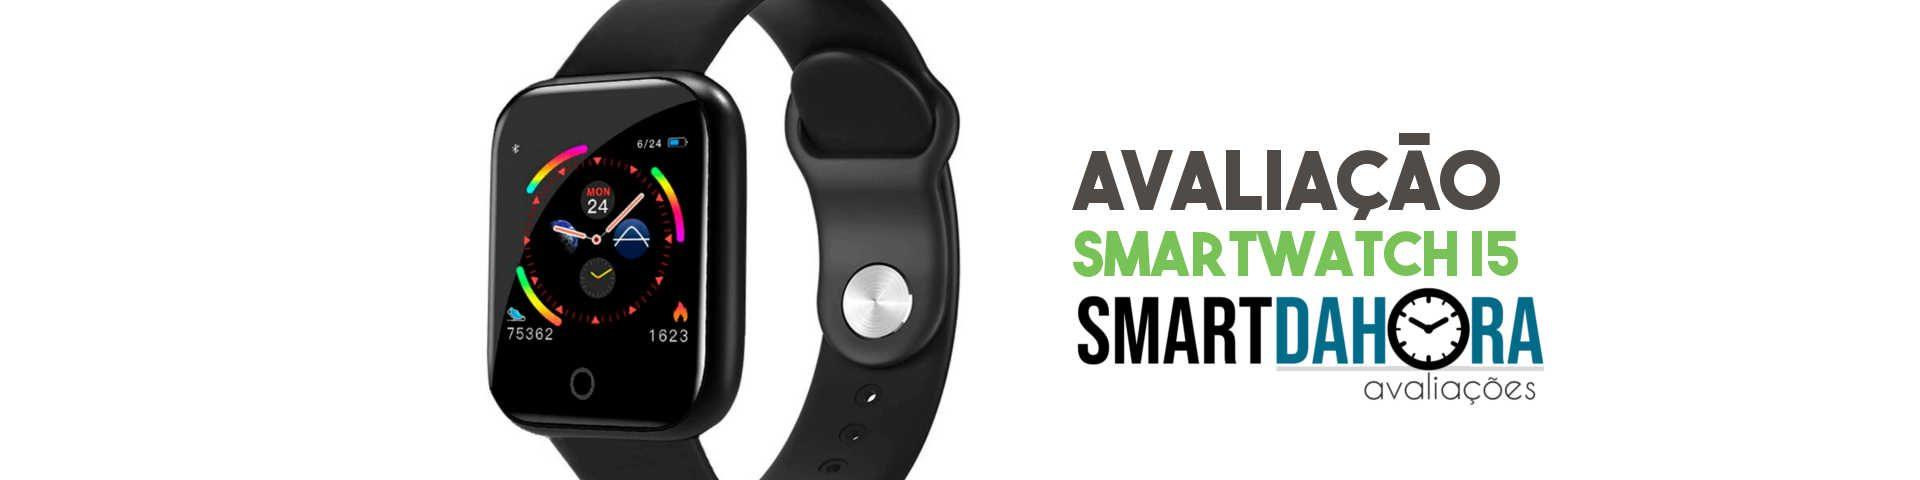 avaliacao smartwatch i5